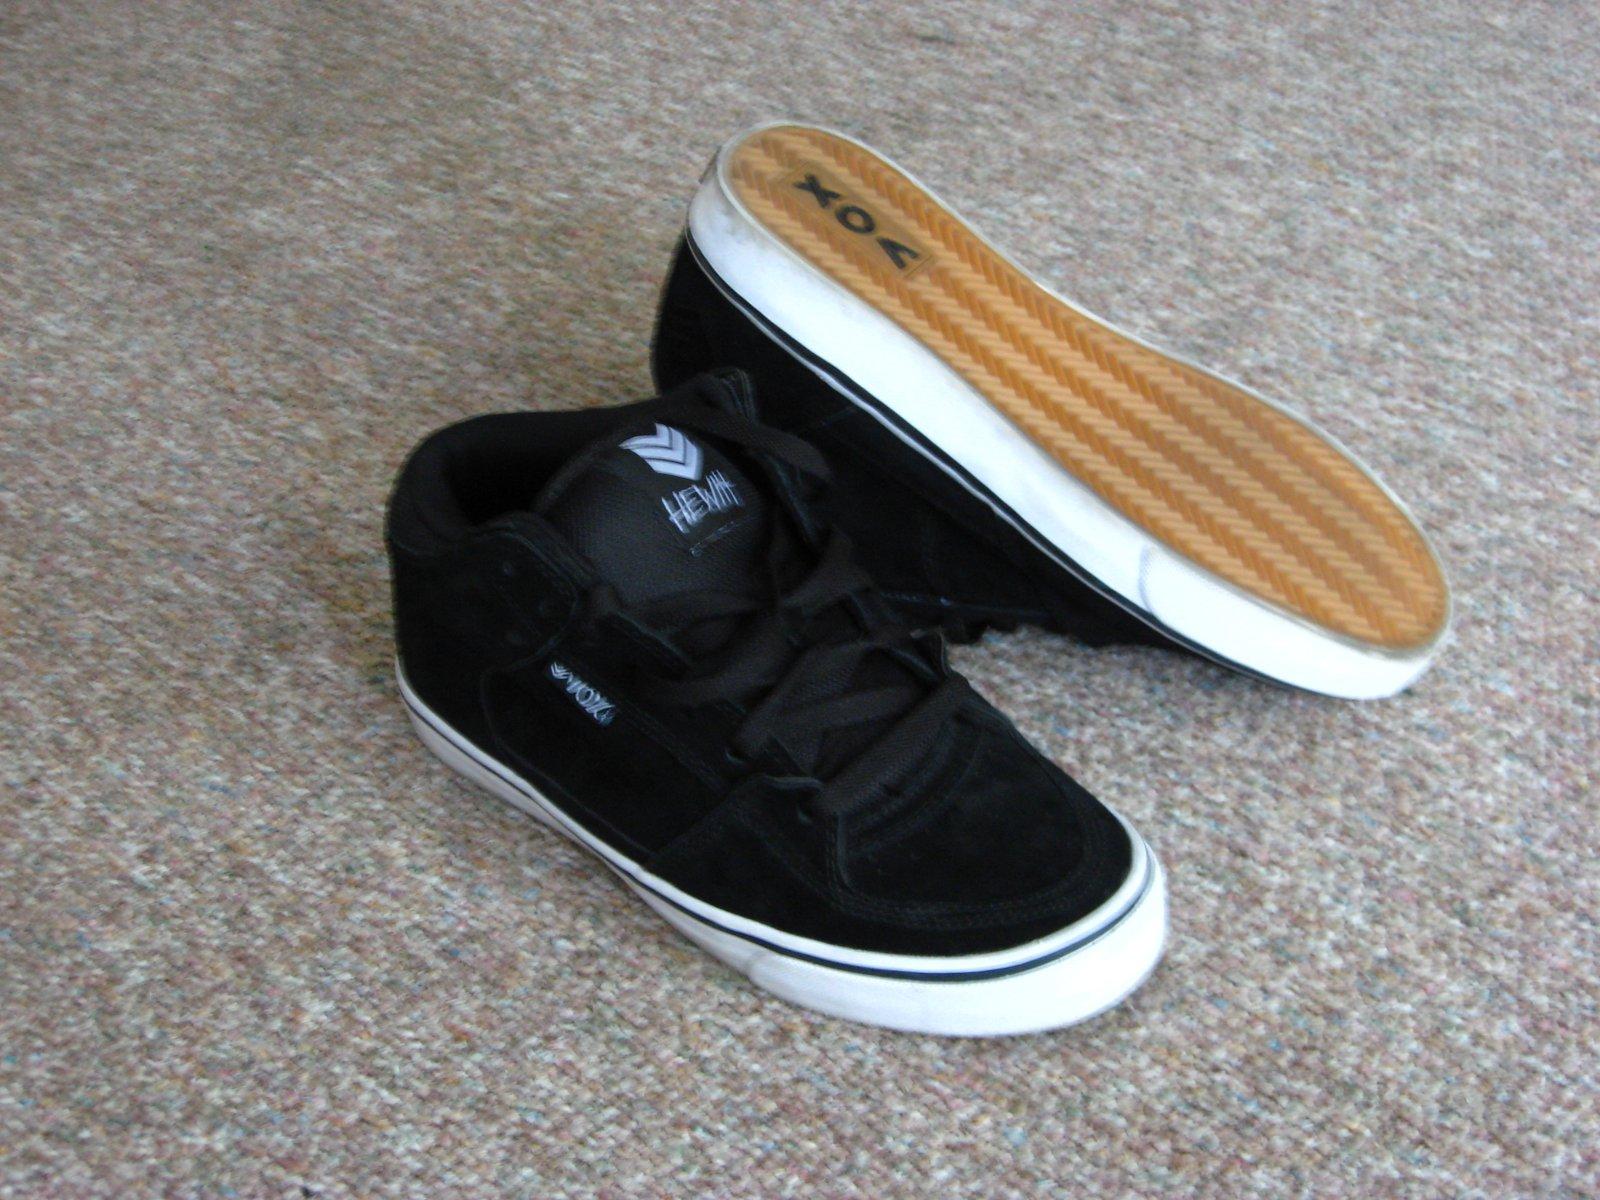 Vox shoes